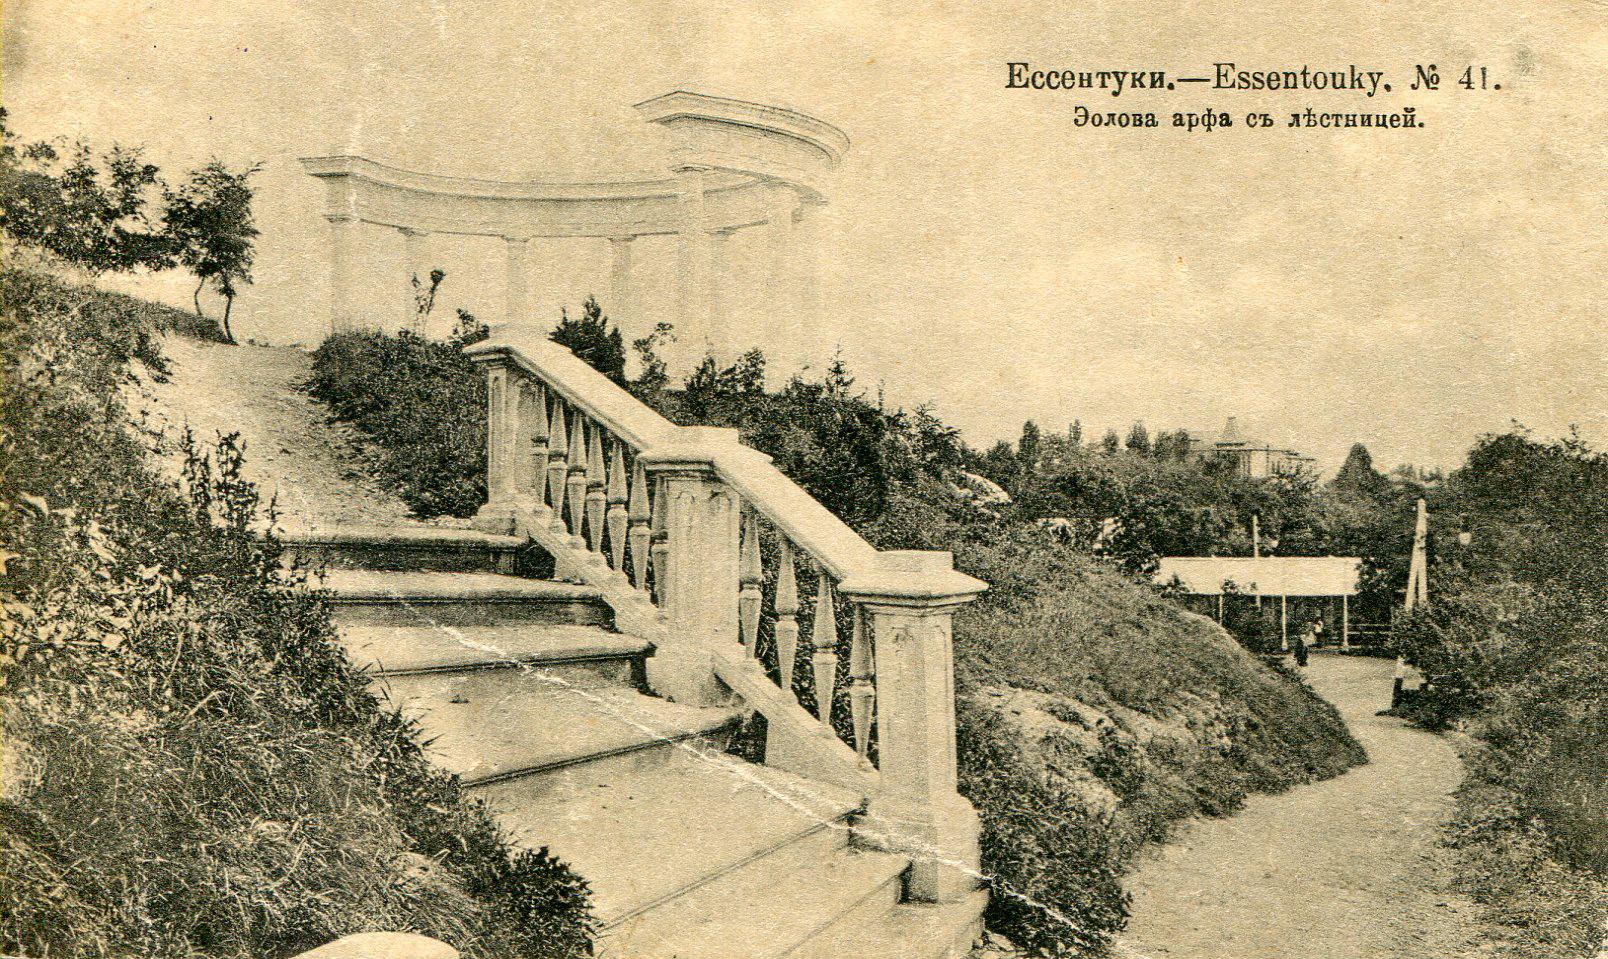 Эолова арфа с лестницей